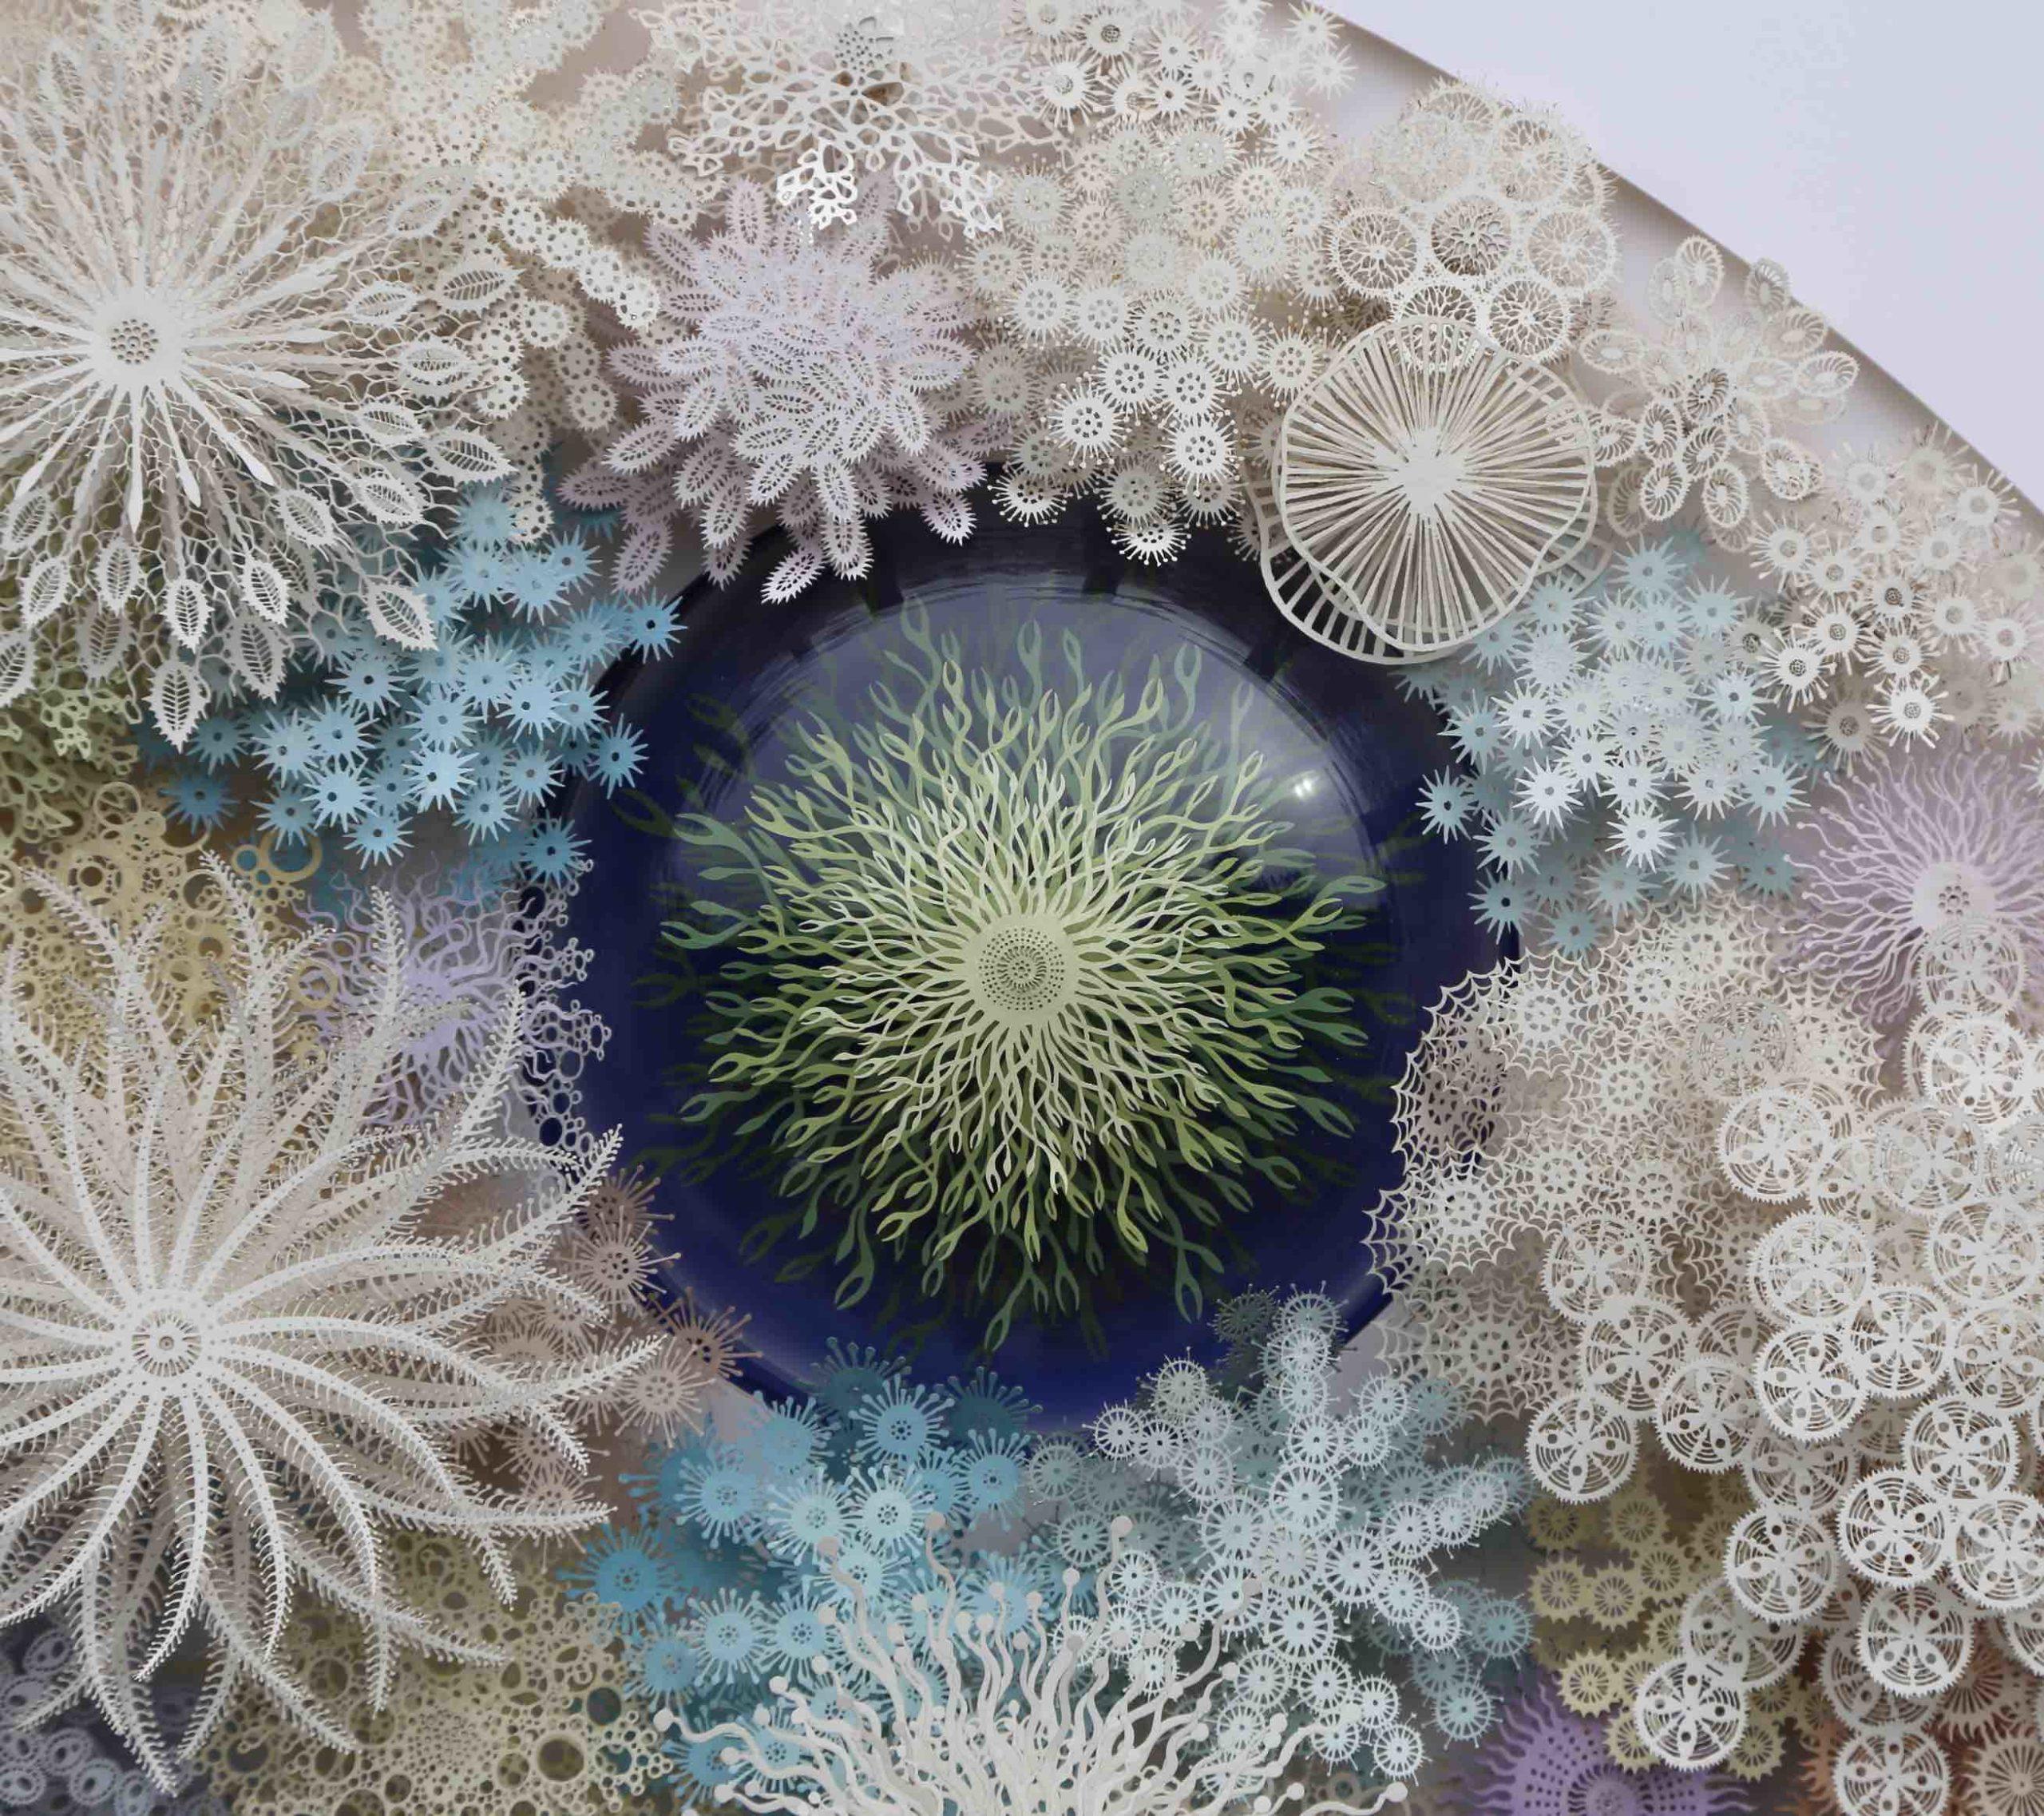 Coral Garden Détail 1